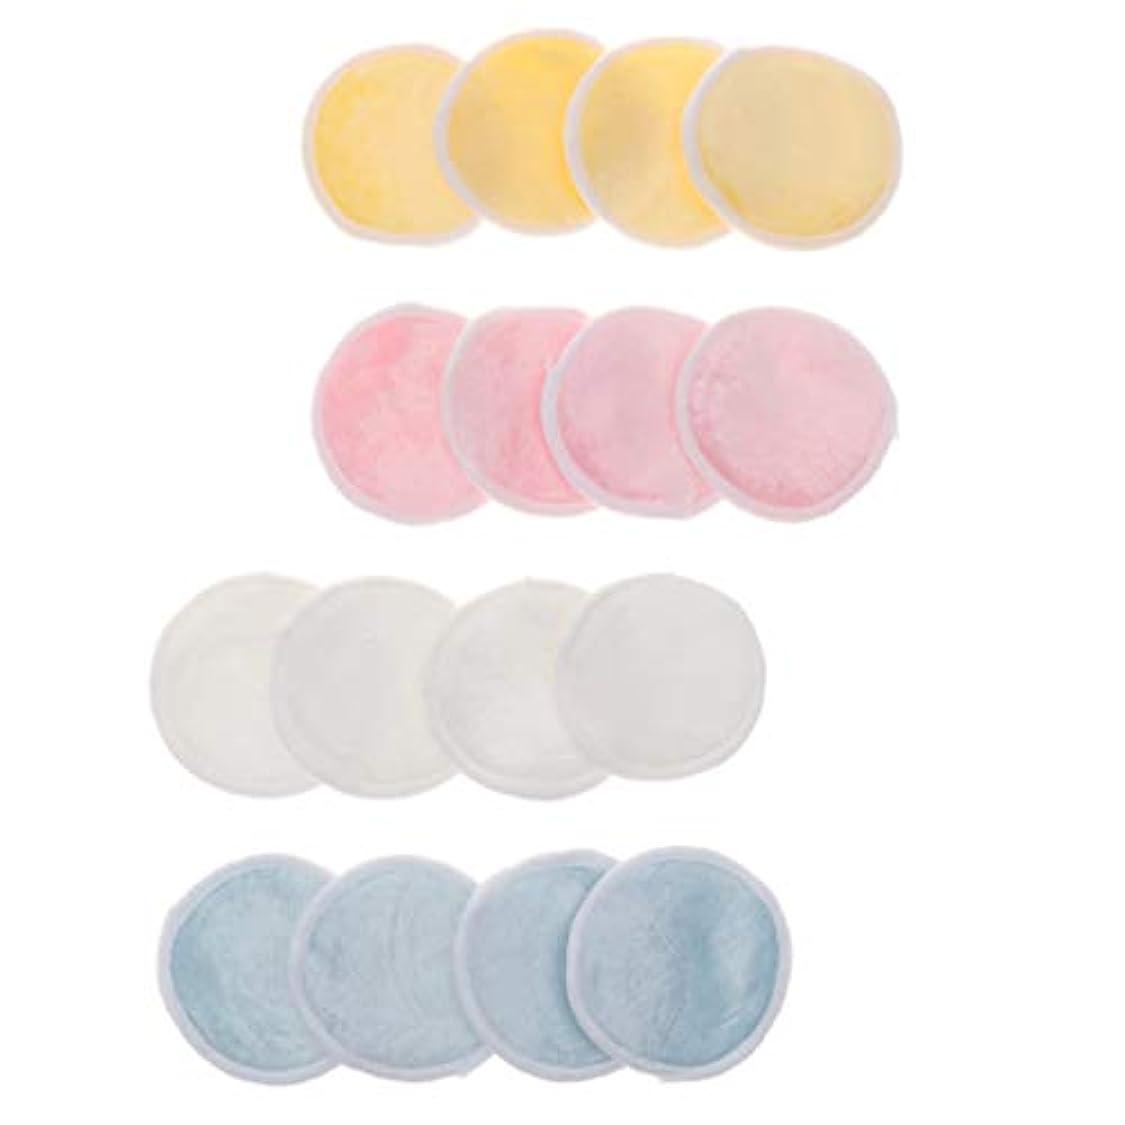 合法結論第三16個 クレンジングシート 化粧コットン パッド メイク落とし 再使用可能 ジッパーメッシュバッグ付